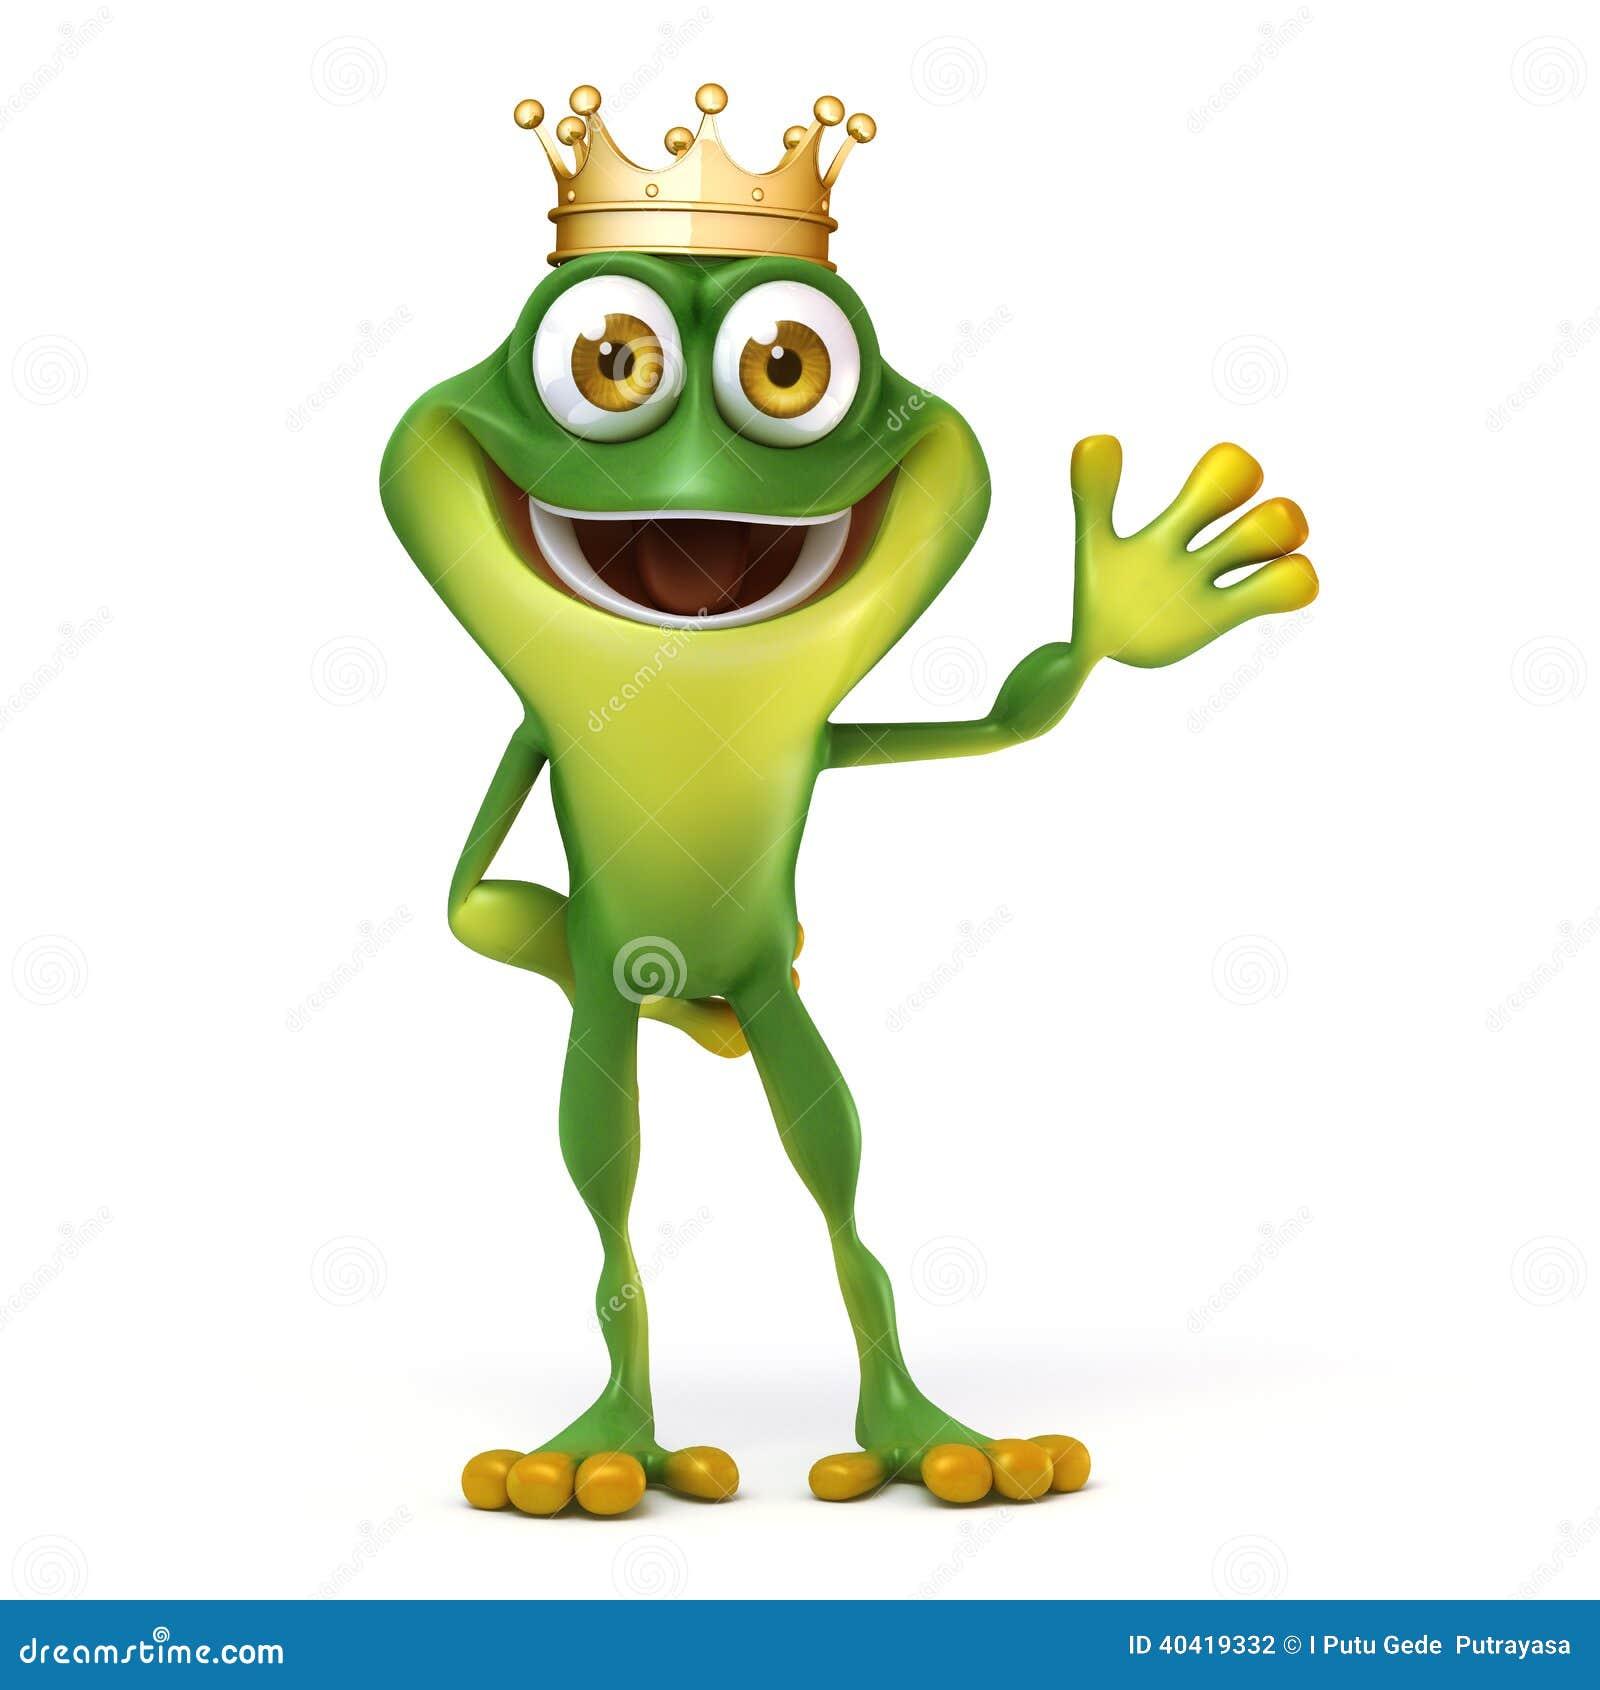 Grenouille Couronne grenouille avec la couronne illustration stock - illustration du